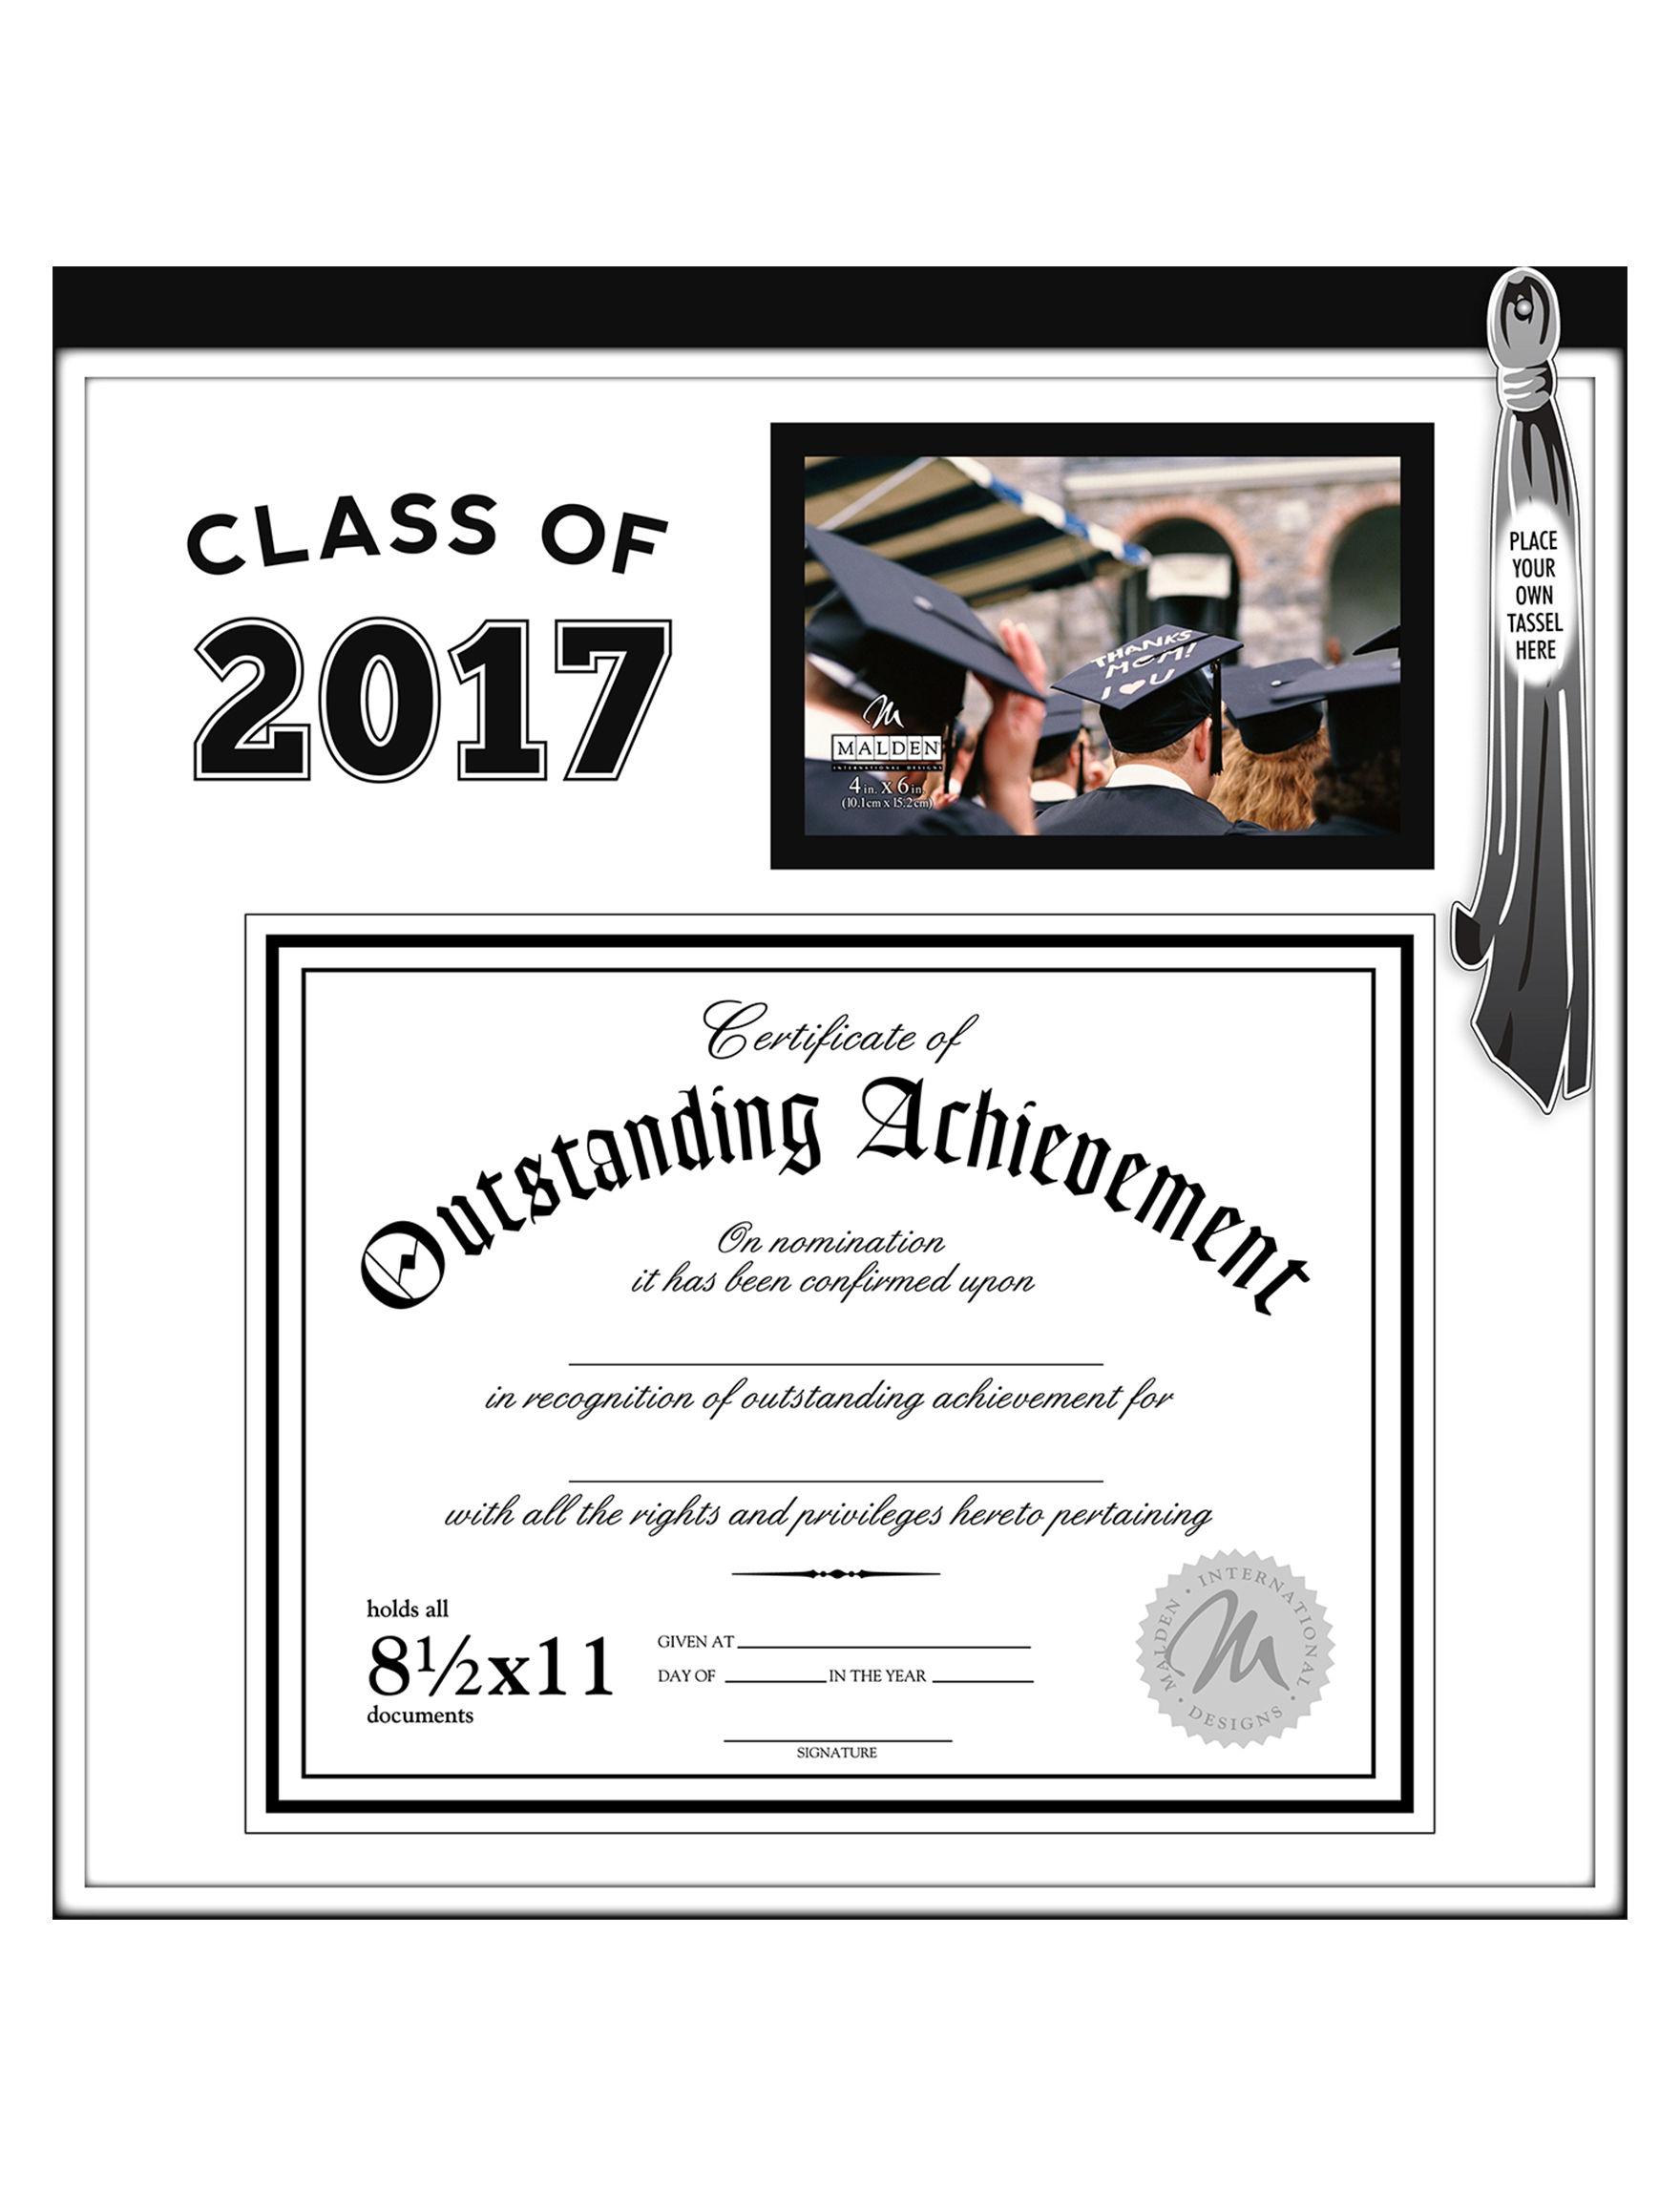 Malden Class of 2017 Graduation Certificate Frame – Graduation Certificate